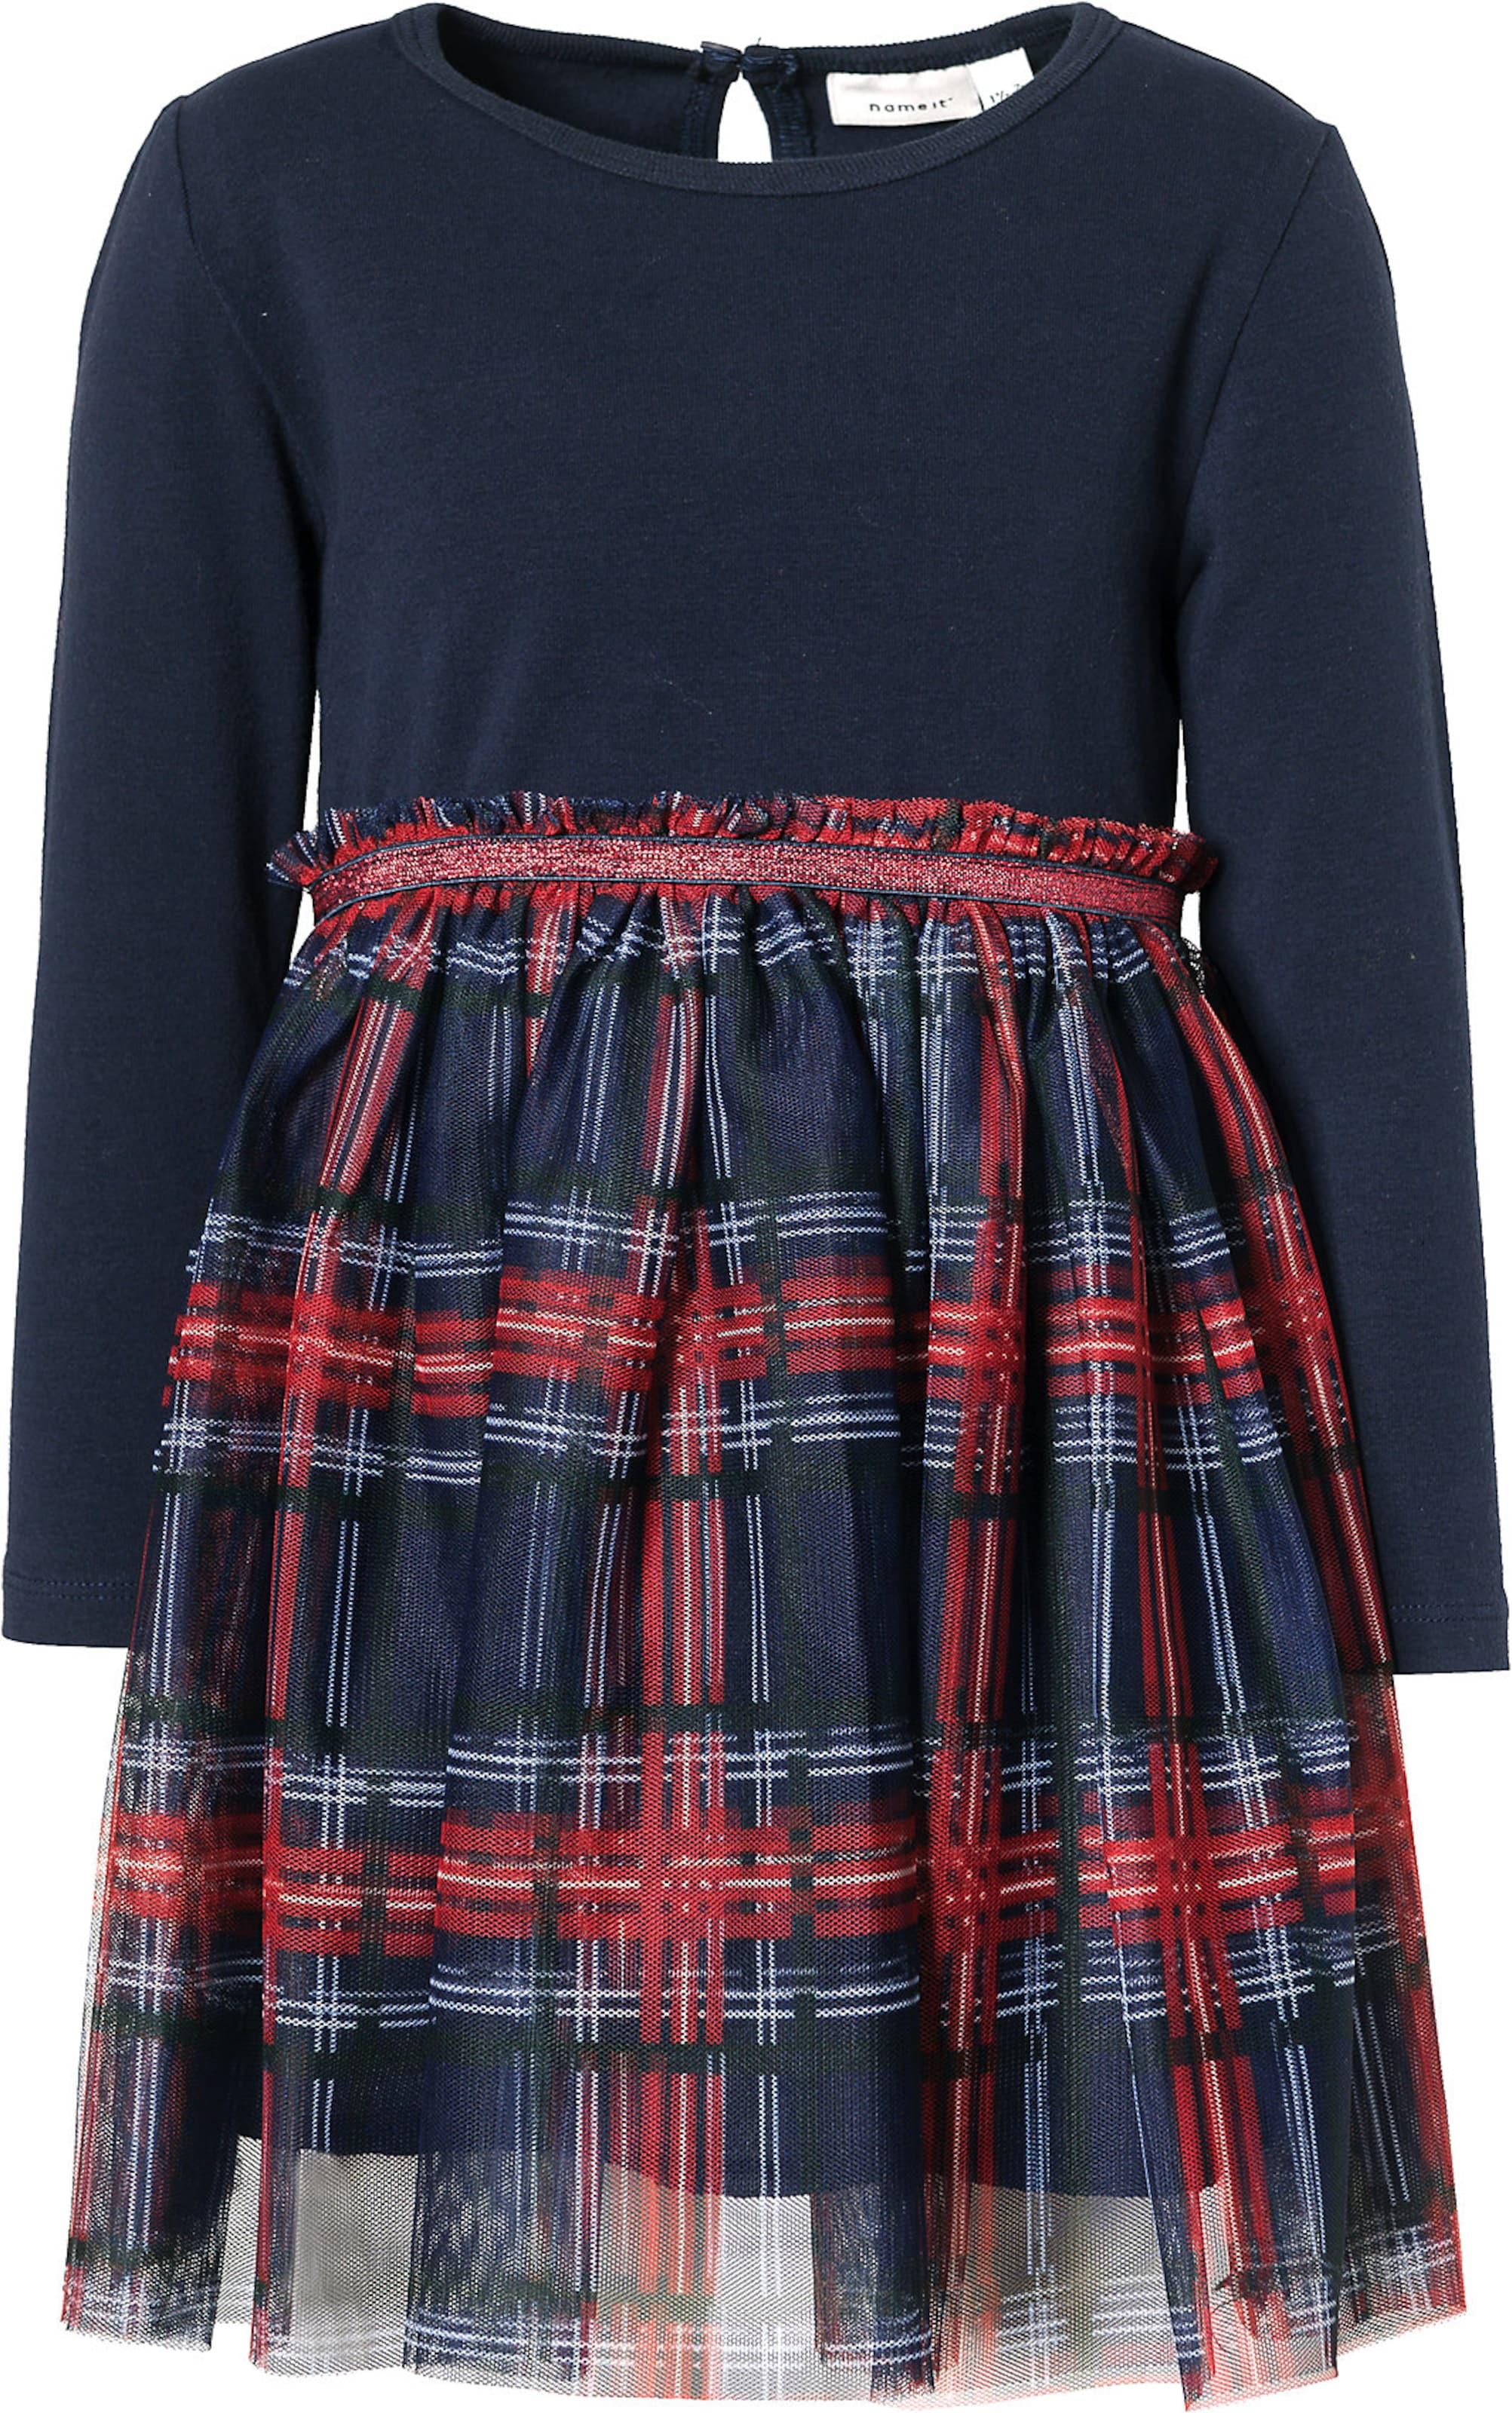 Kinder,  Mädchen,  Kinder NAME IT Kleid 'Frubia' anthrazit, blau, blau,  pink, braun, rot, schwarz, schwarz,  weiß | 05714489372101